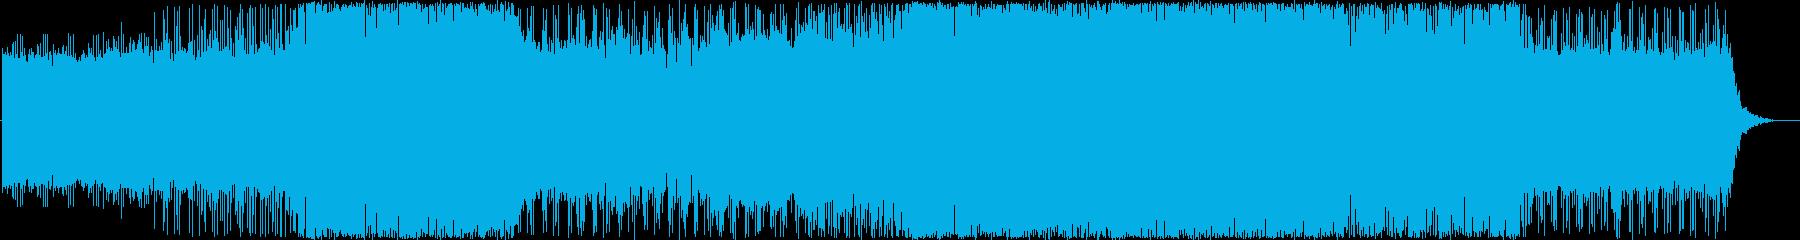 激しめクールシンセダンスハウスの再生済みの波形